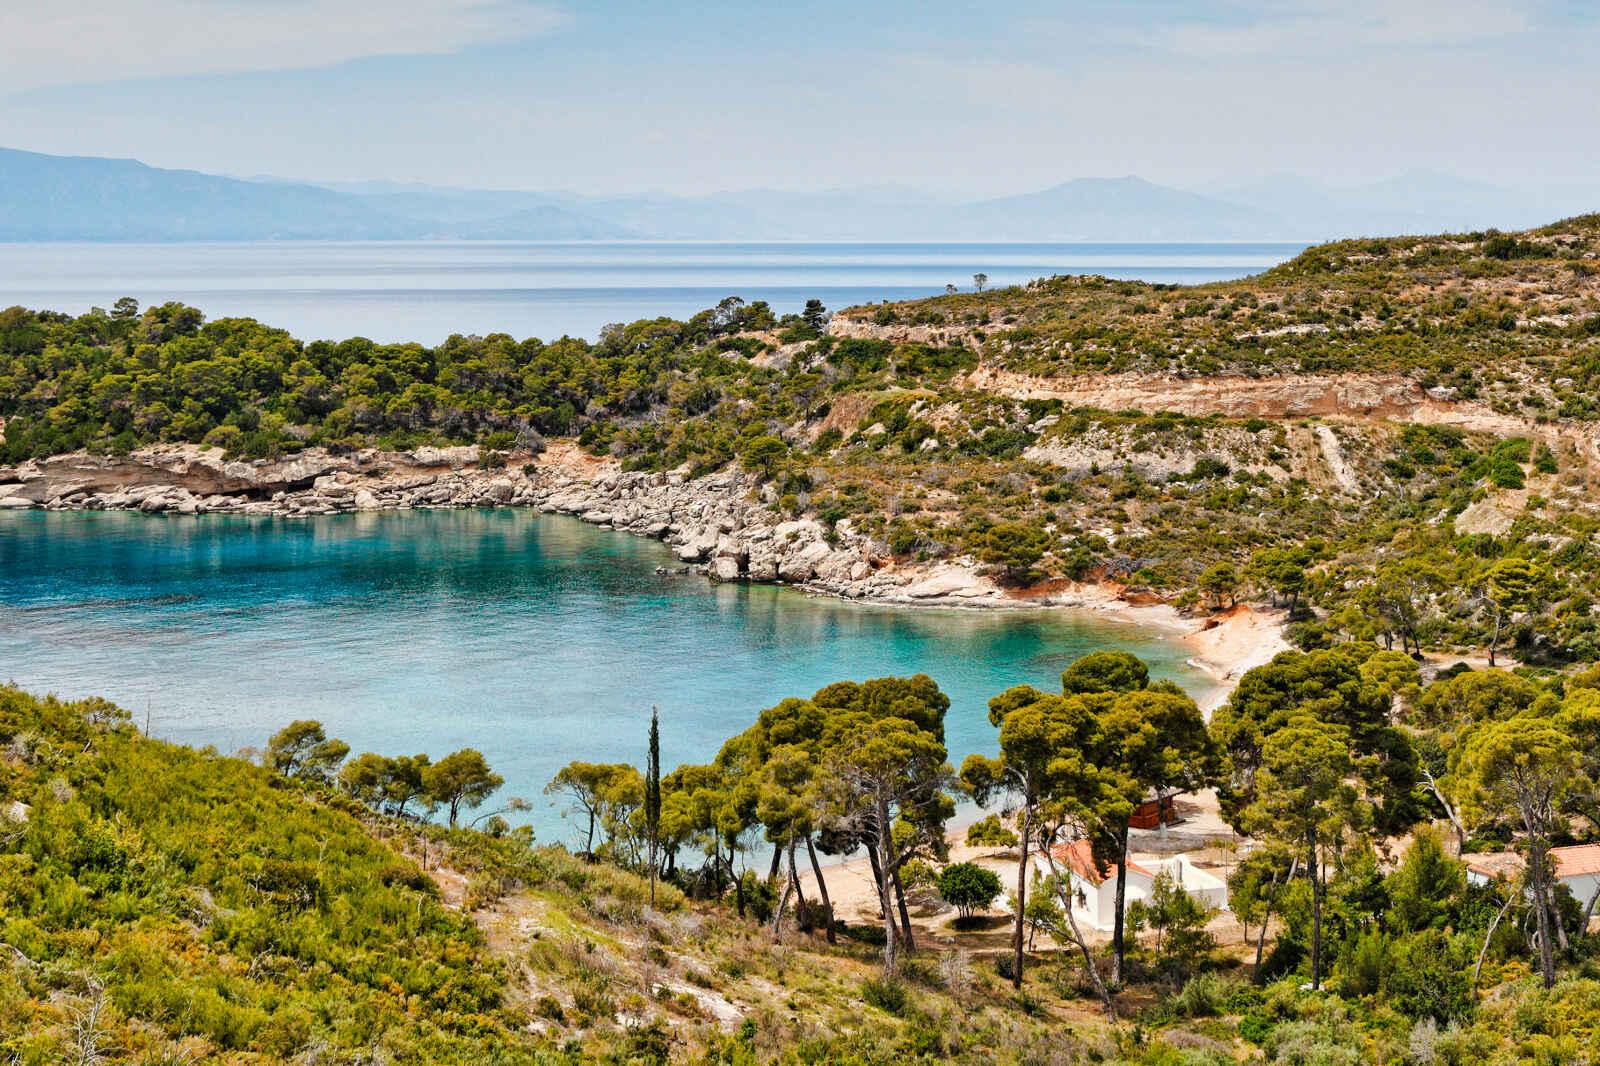 Grèce : Le golfe Saronique en catamaran